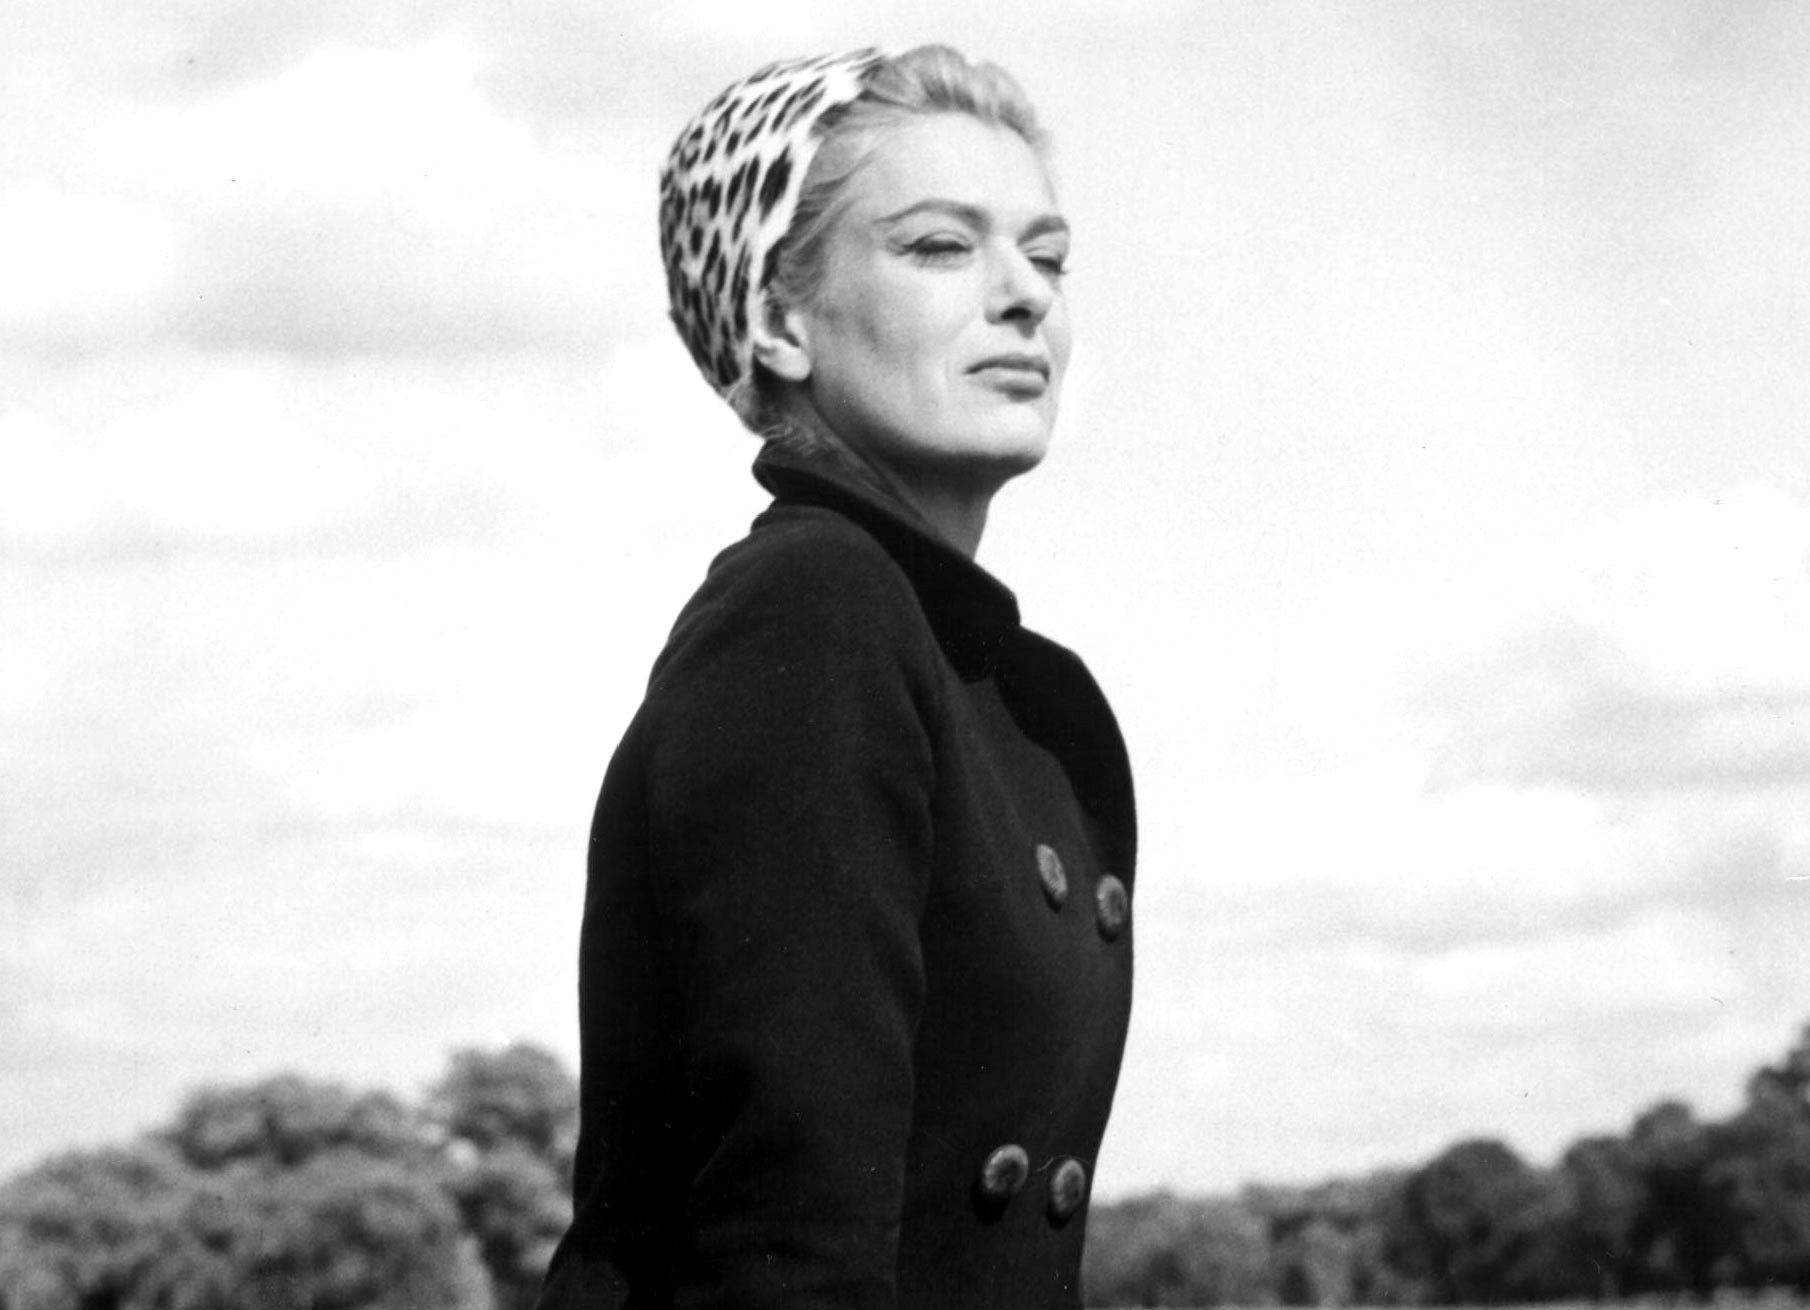 «Μελίνα στοπ καρέ» – Αφιέρωμα στη ζωή και το έργο της Μελίνας Μερκούρη